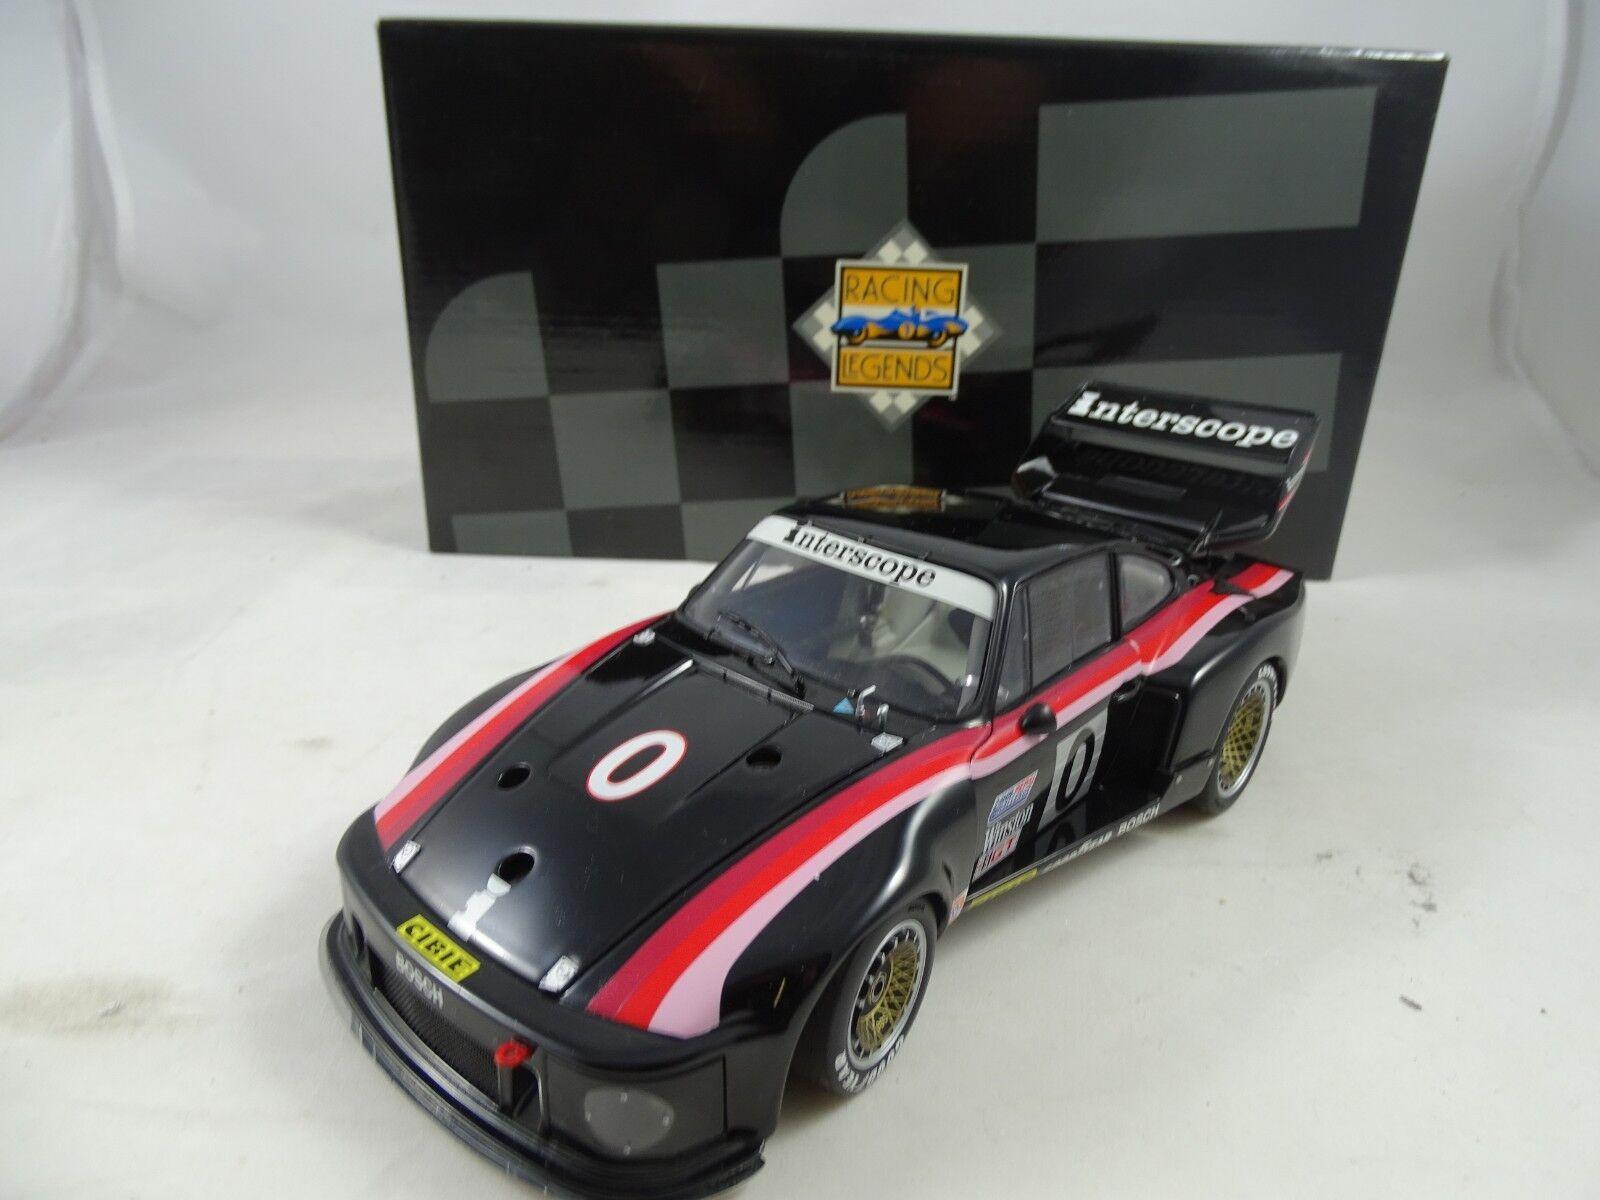 1:18 exoto  19103 1979 PORSCHE 935 Winner Daytona 24 hours  0 rarità